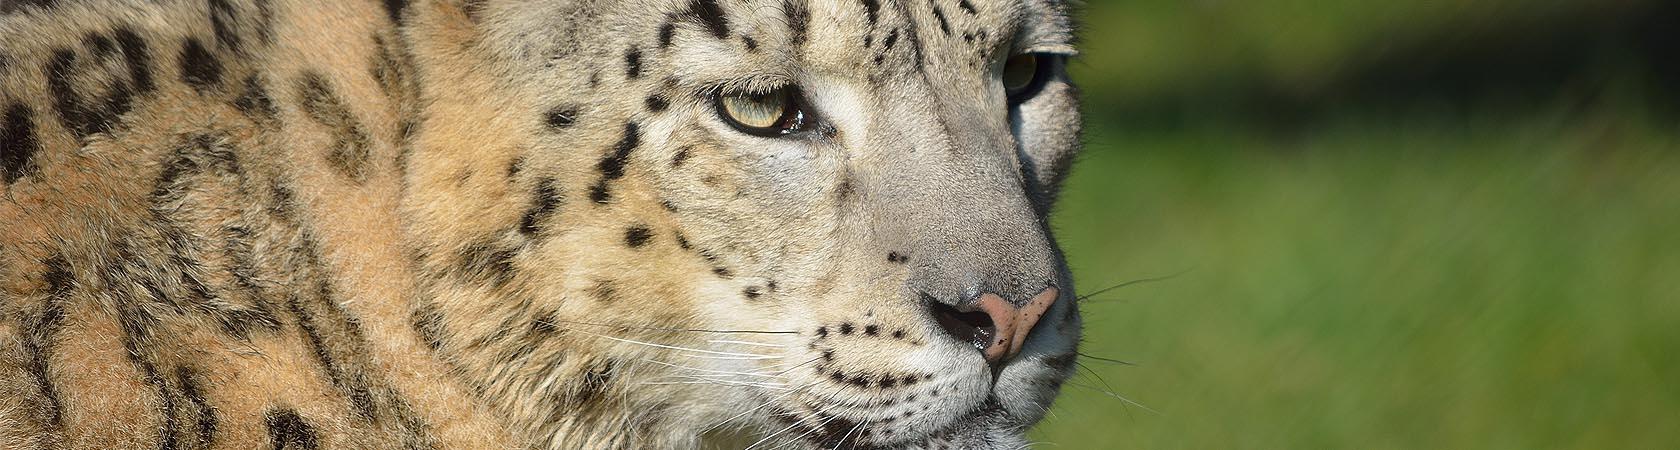 ricerca-leopardo-delle-nevi-parco-faunistico-le-cornelle-leonardodelfin